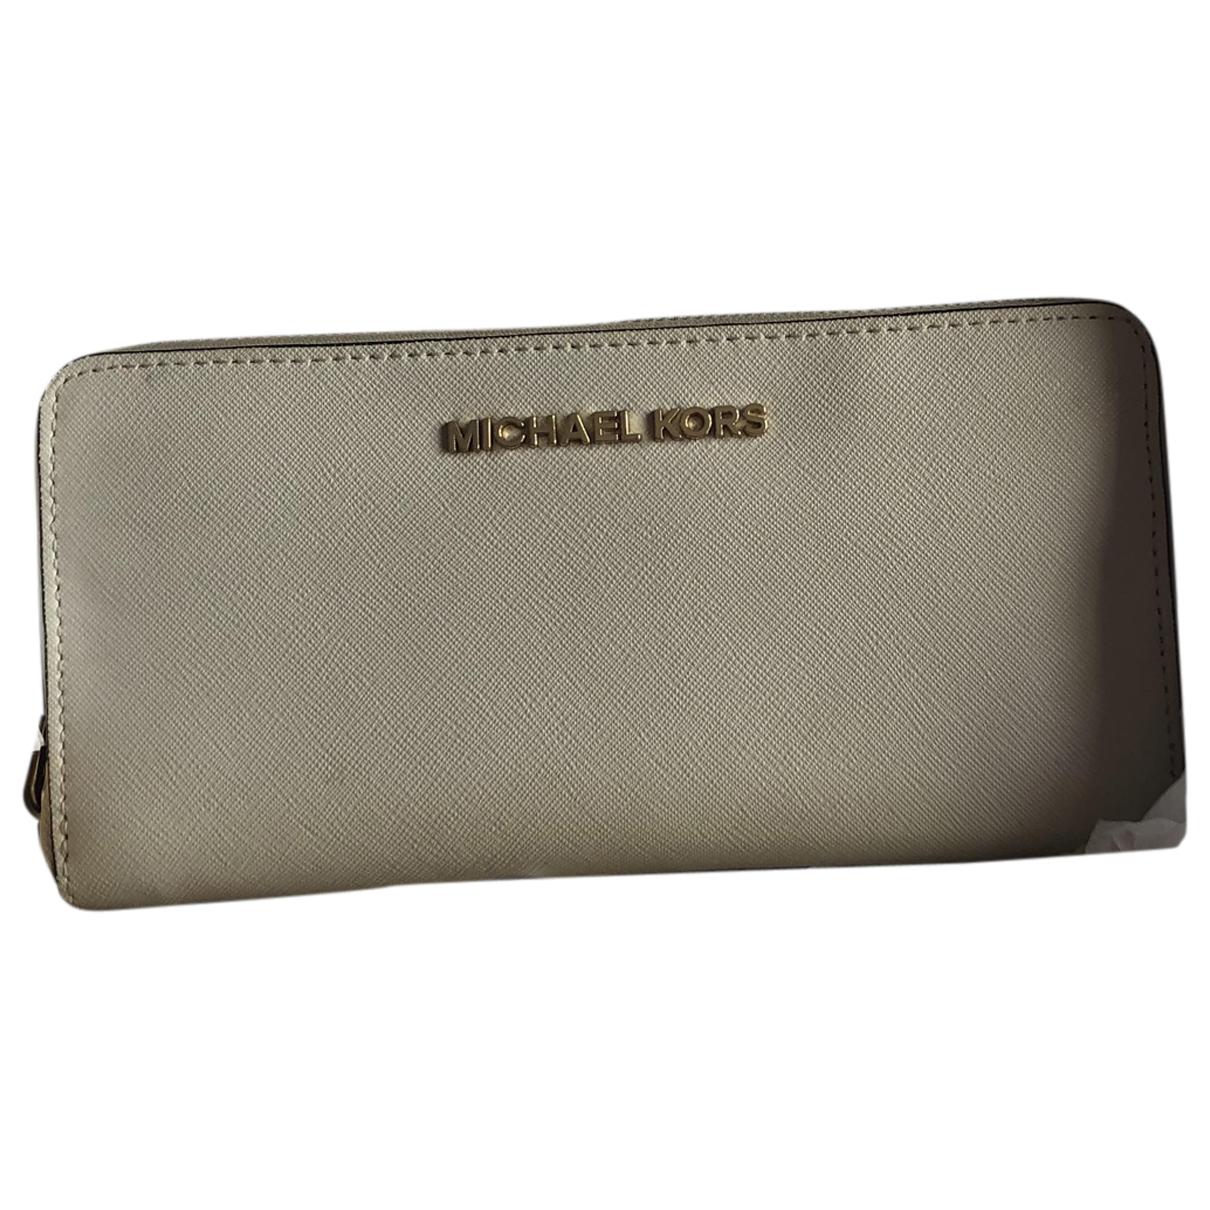 Michael Kors - Portefeuille   pour femme en cuir - ecru